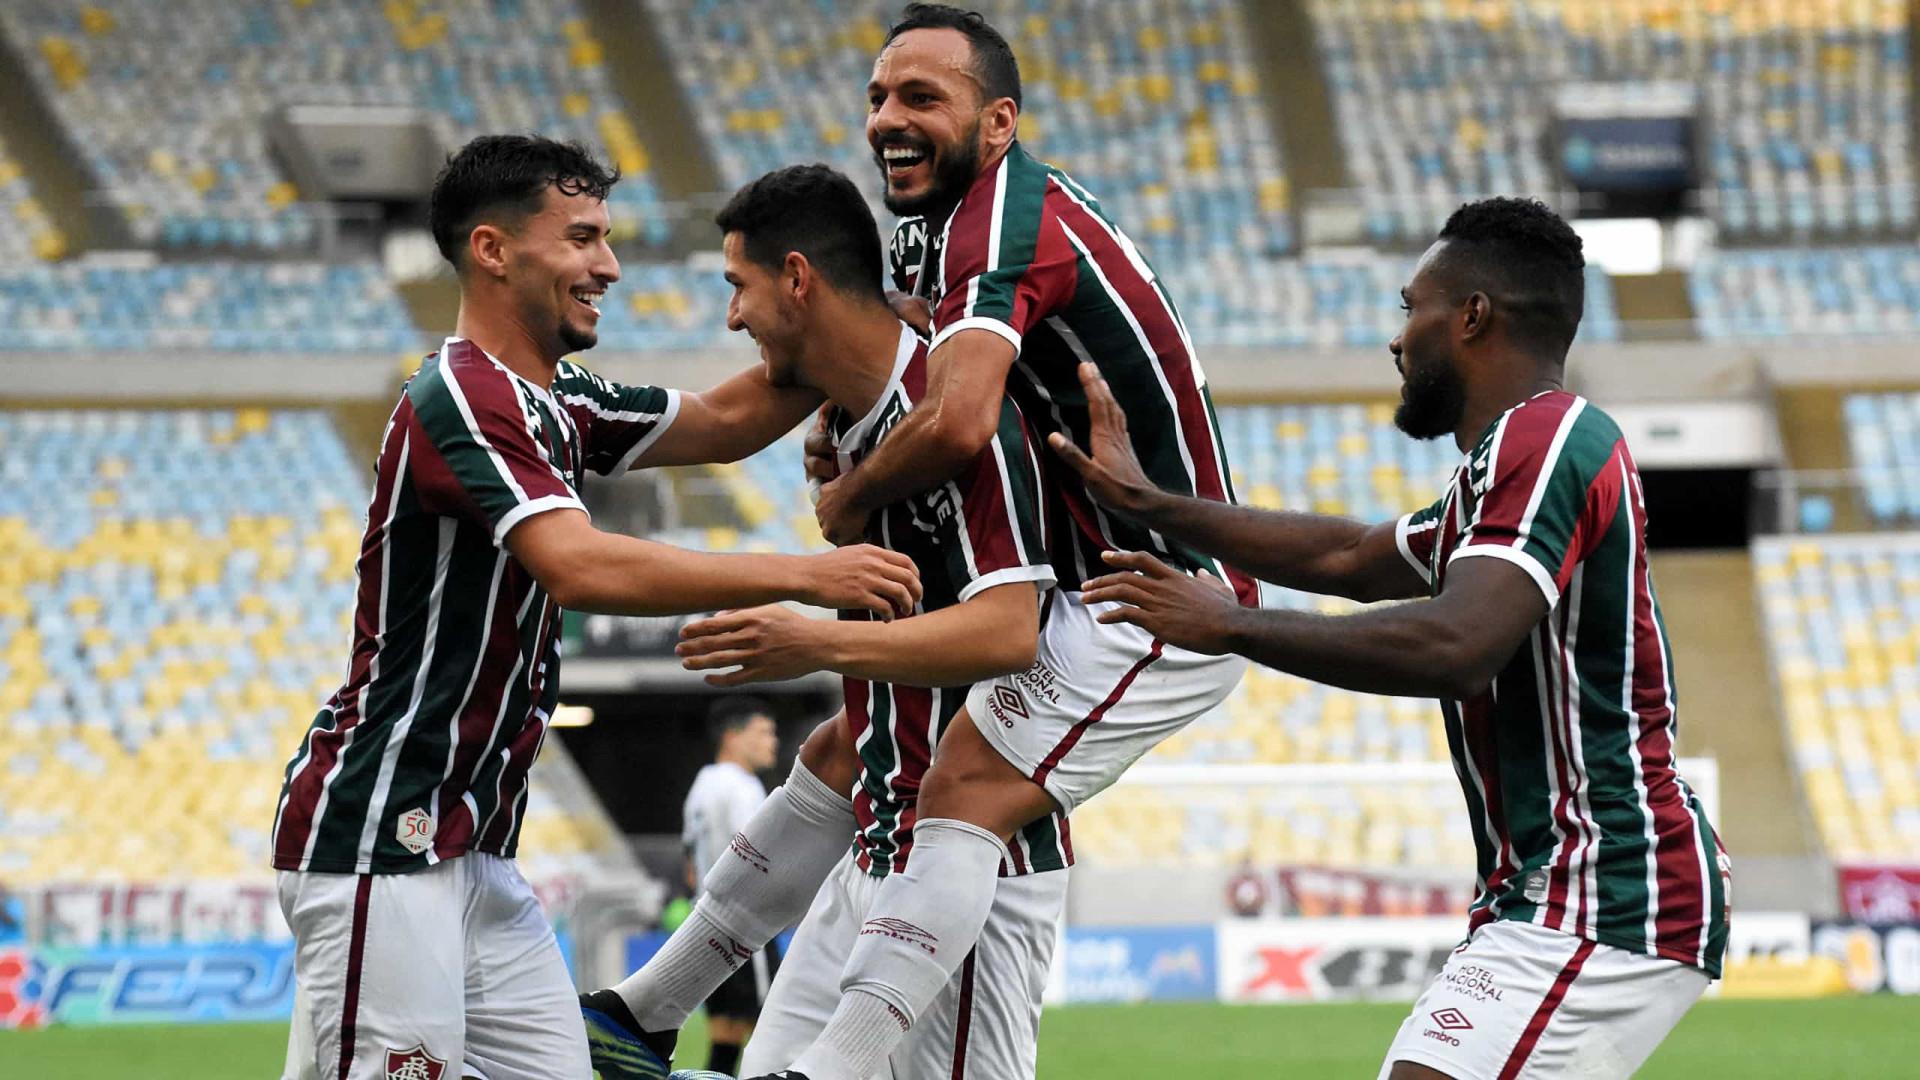 Fluminense quer aproveitar boa fase para largar bem nas oitavas da Libertadores